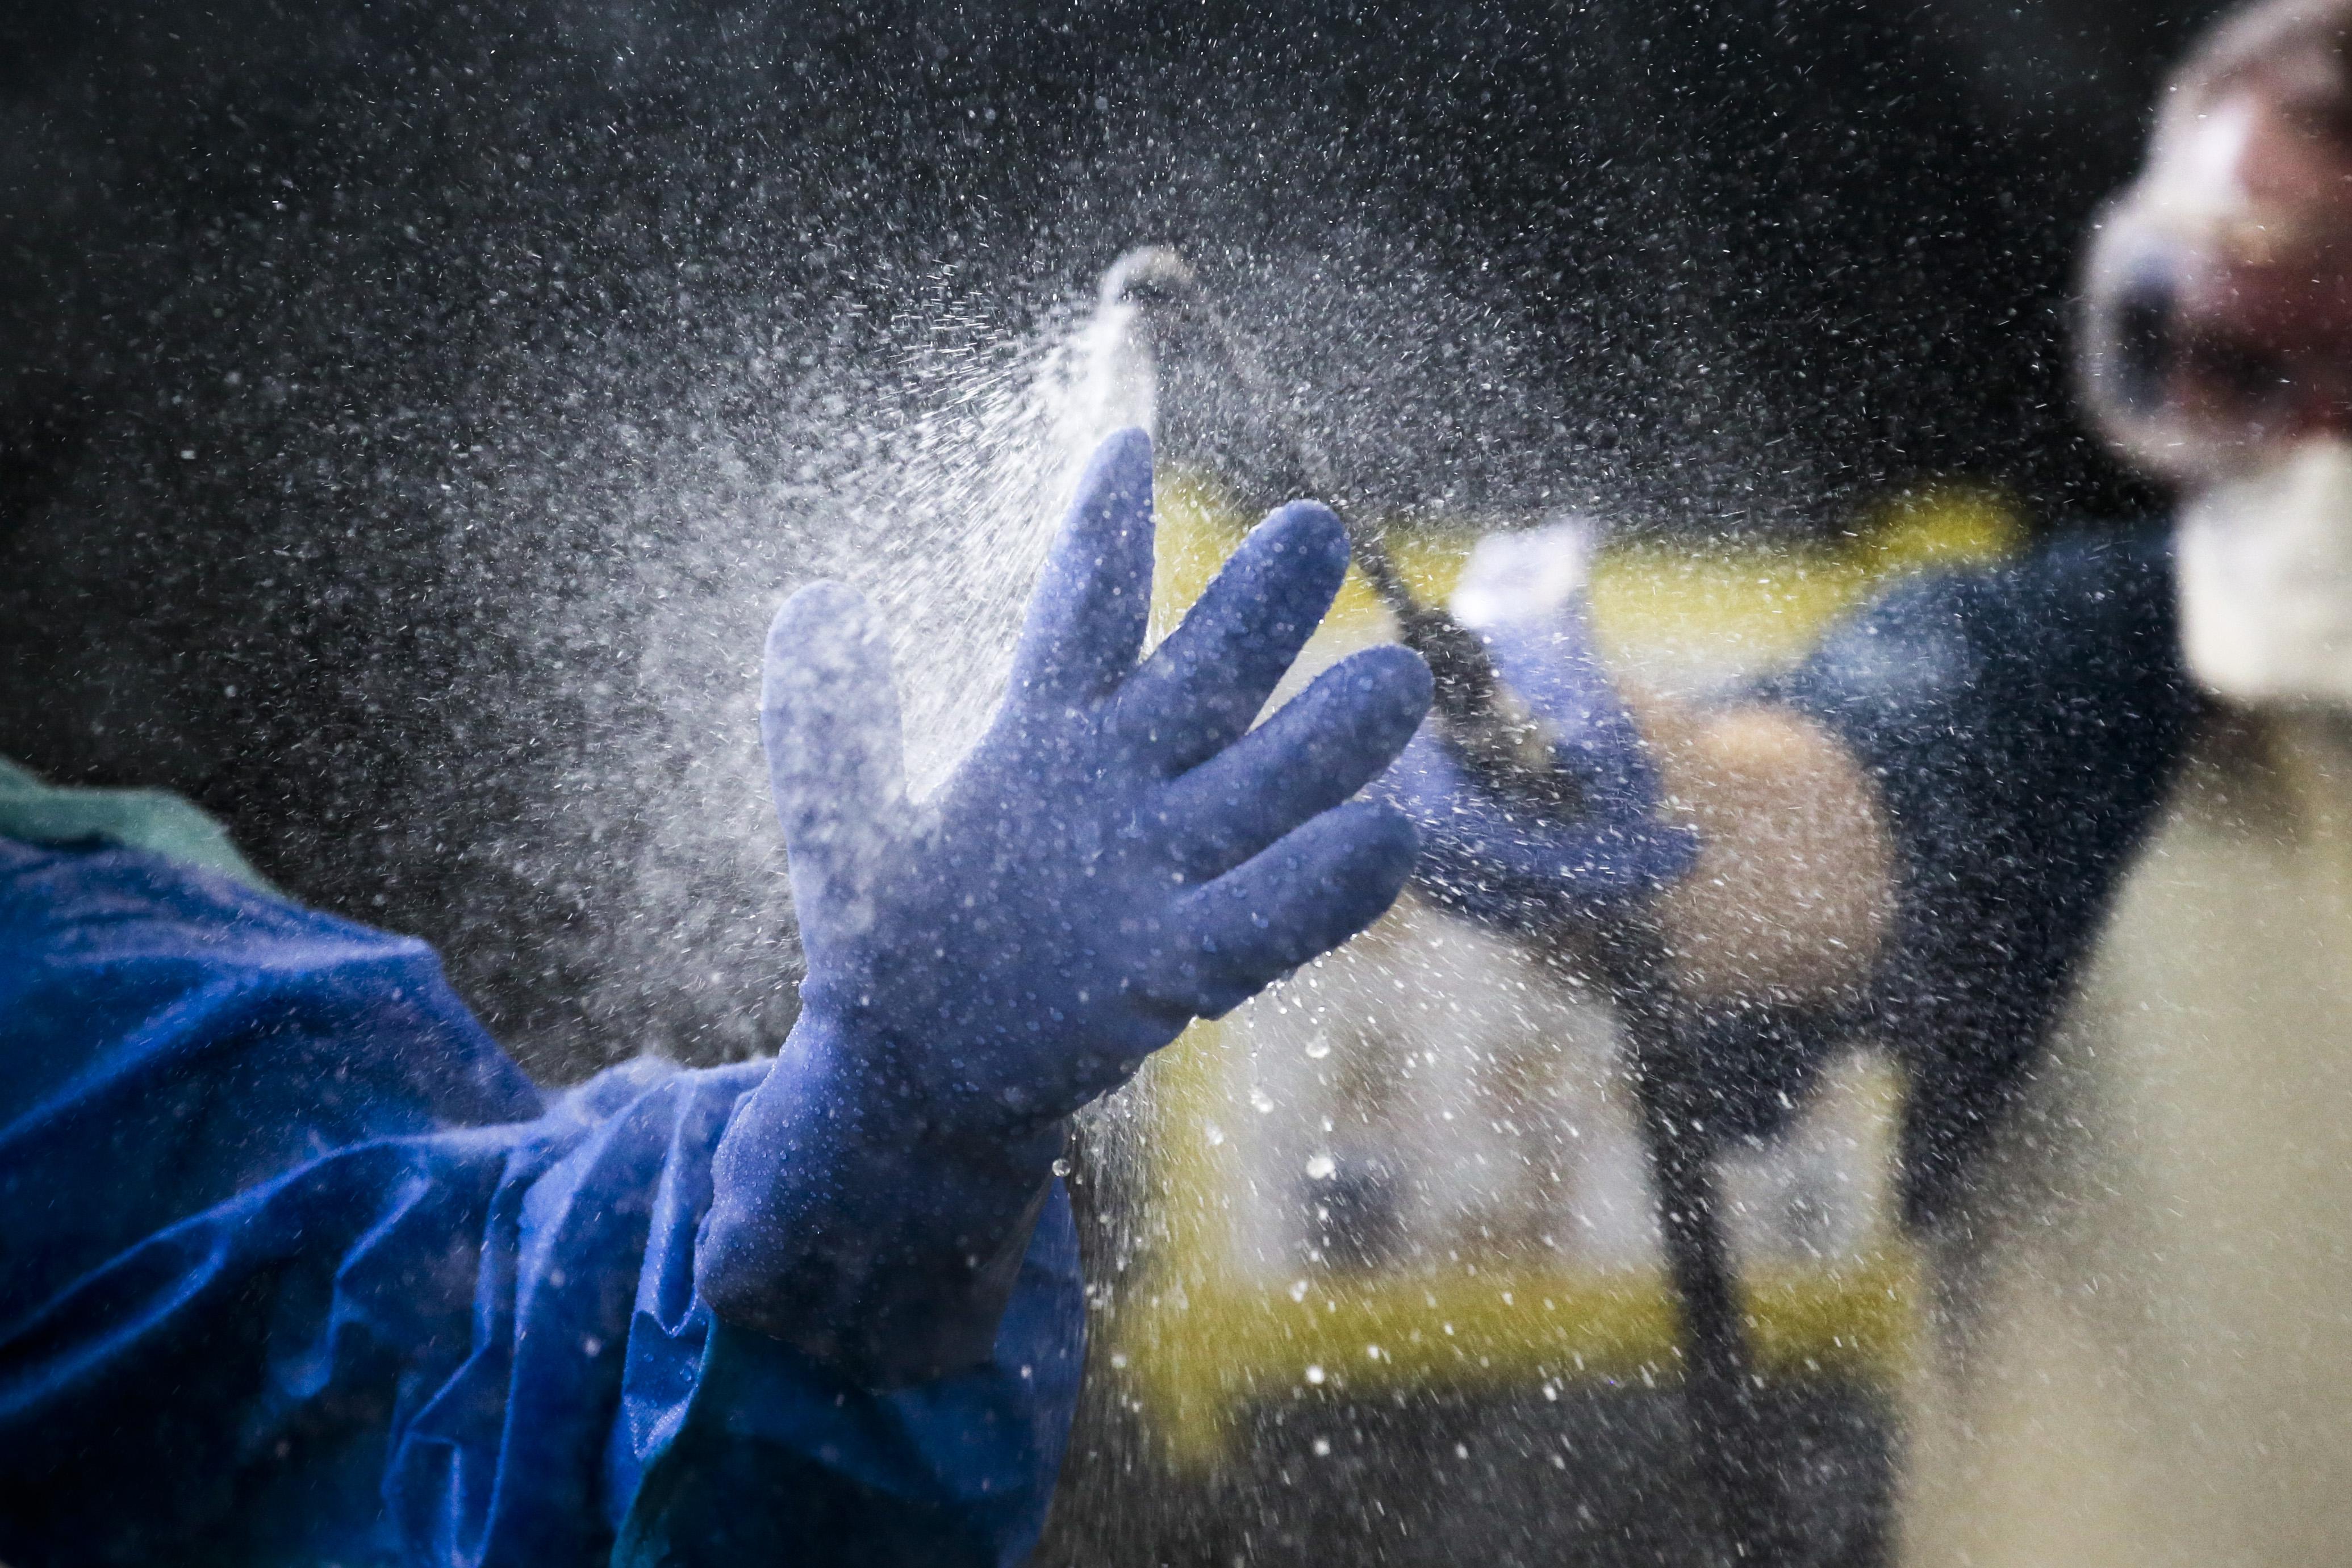 La main gantée d'un travailleur médical se fait asperger d'un liquide désinfectant.